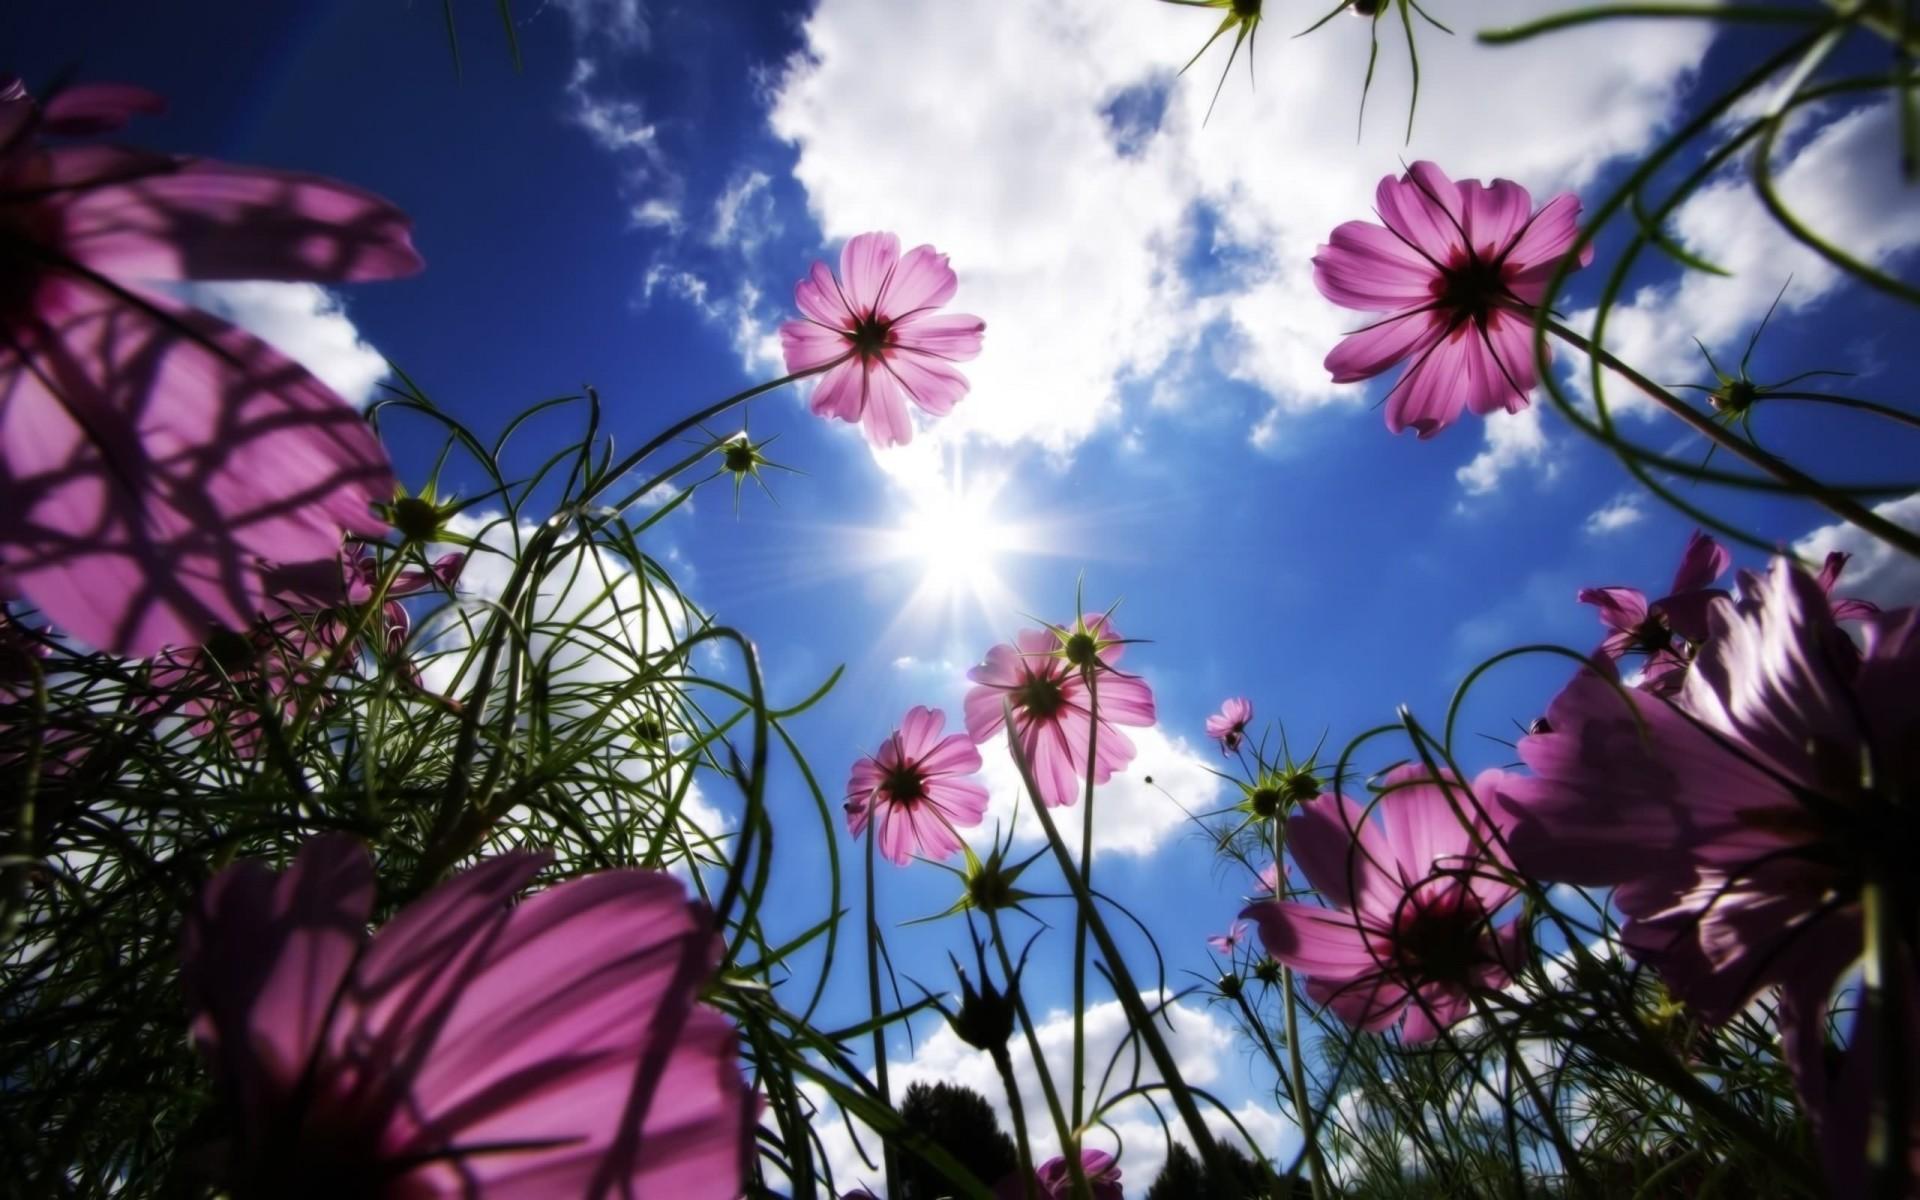 картинки красивая природа цветы небо фото авто делали